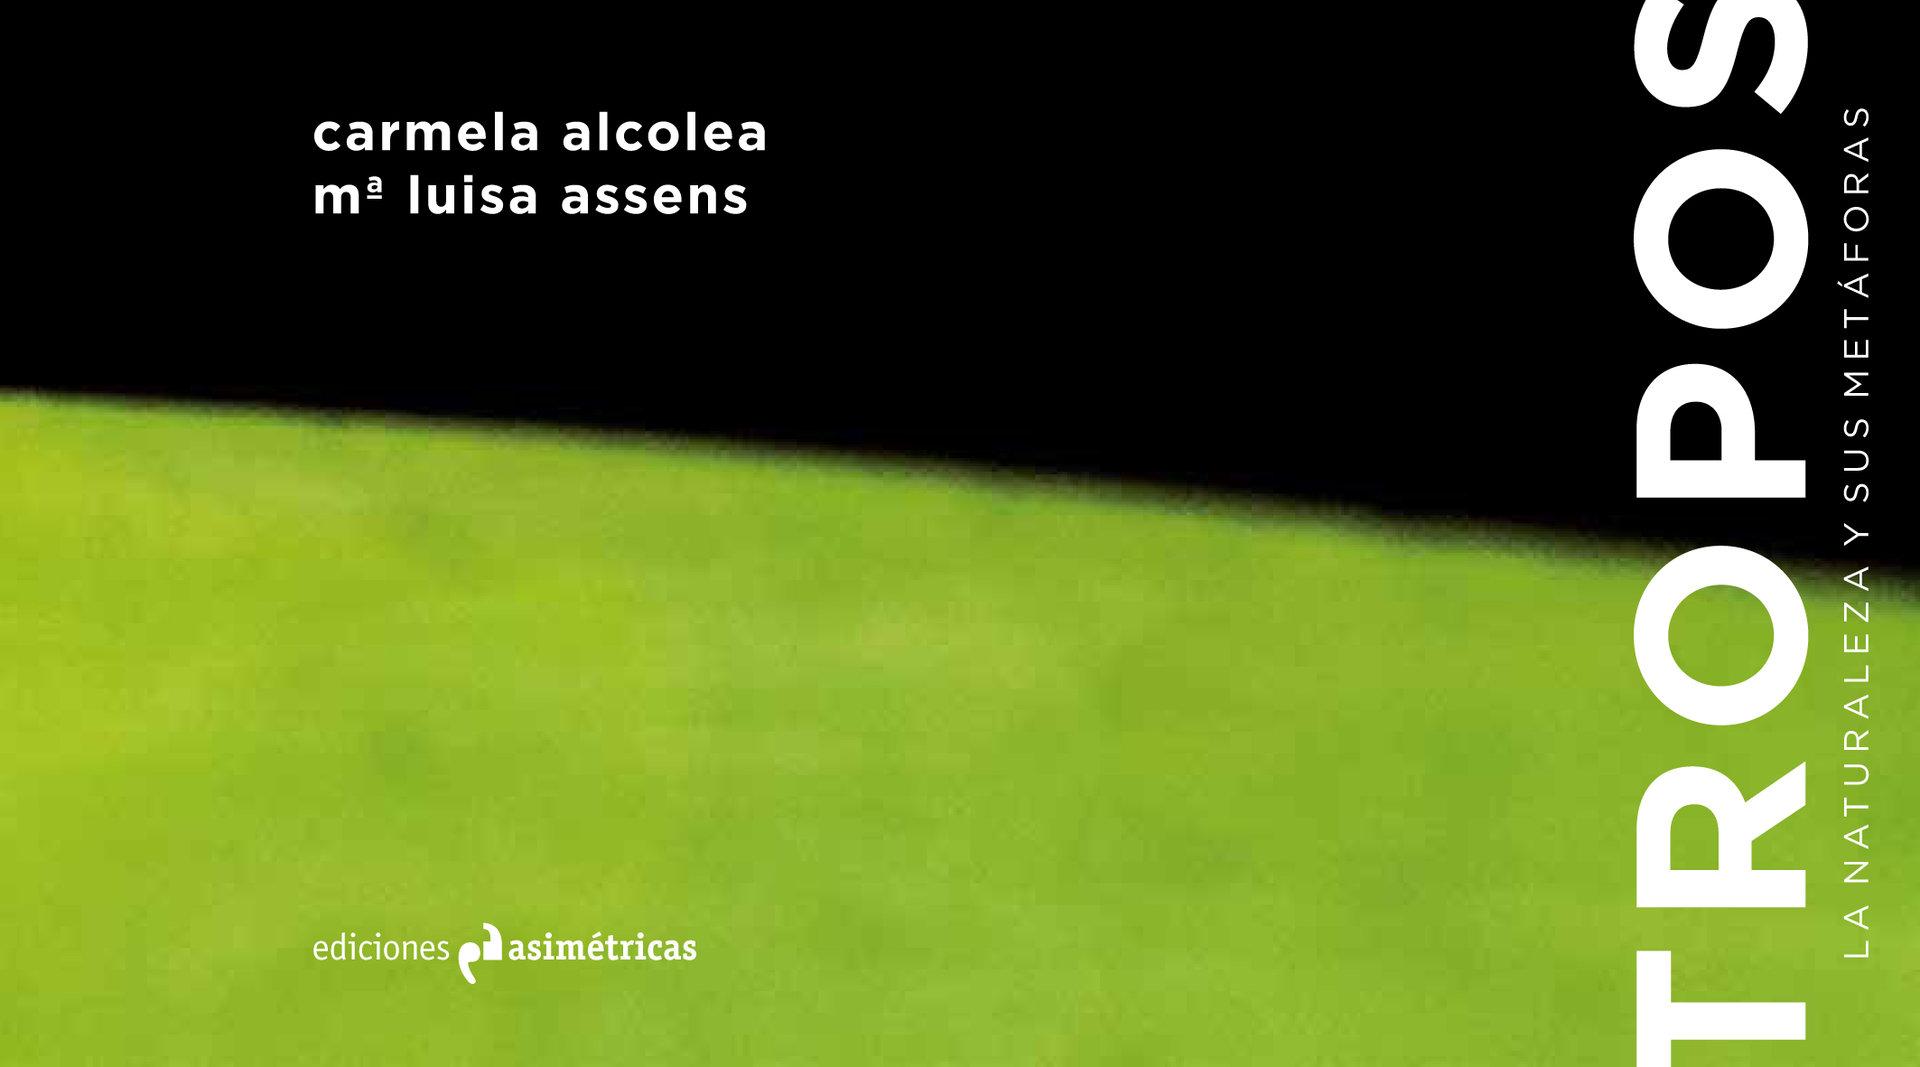 Tropos la naturaleza y sus met foras carmela alcolea for Ediciones asimetricas